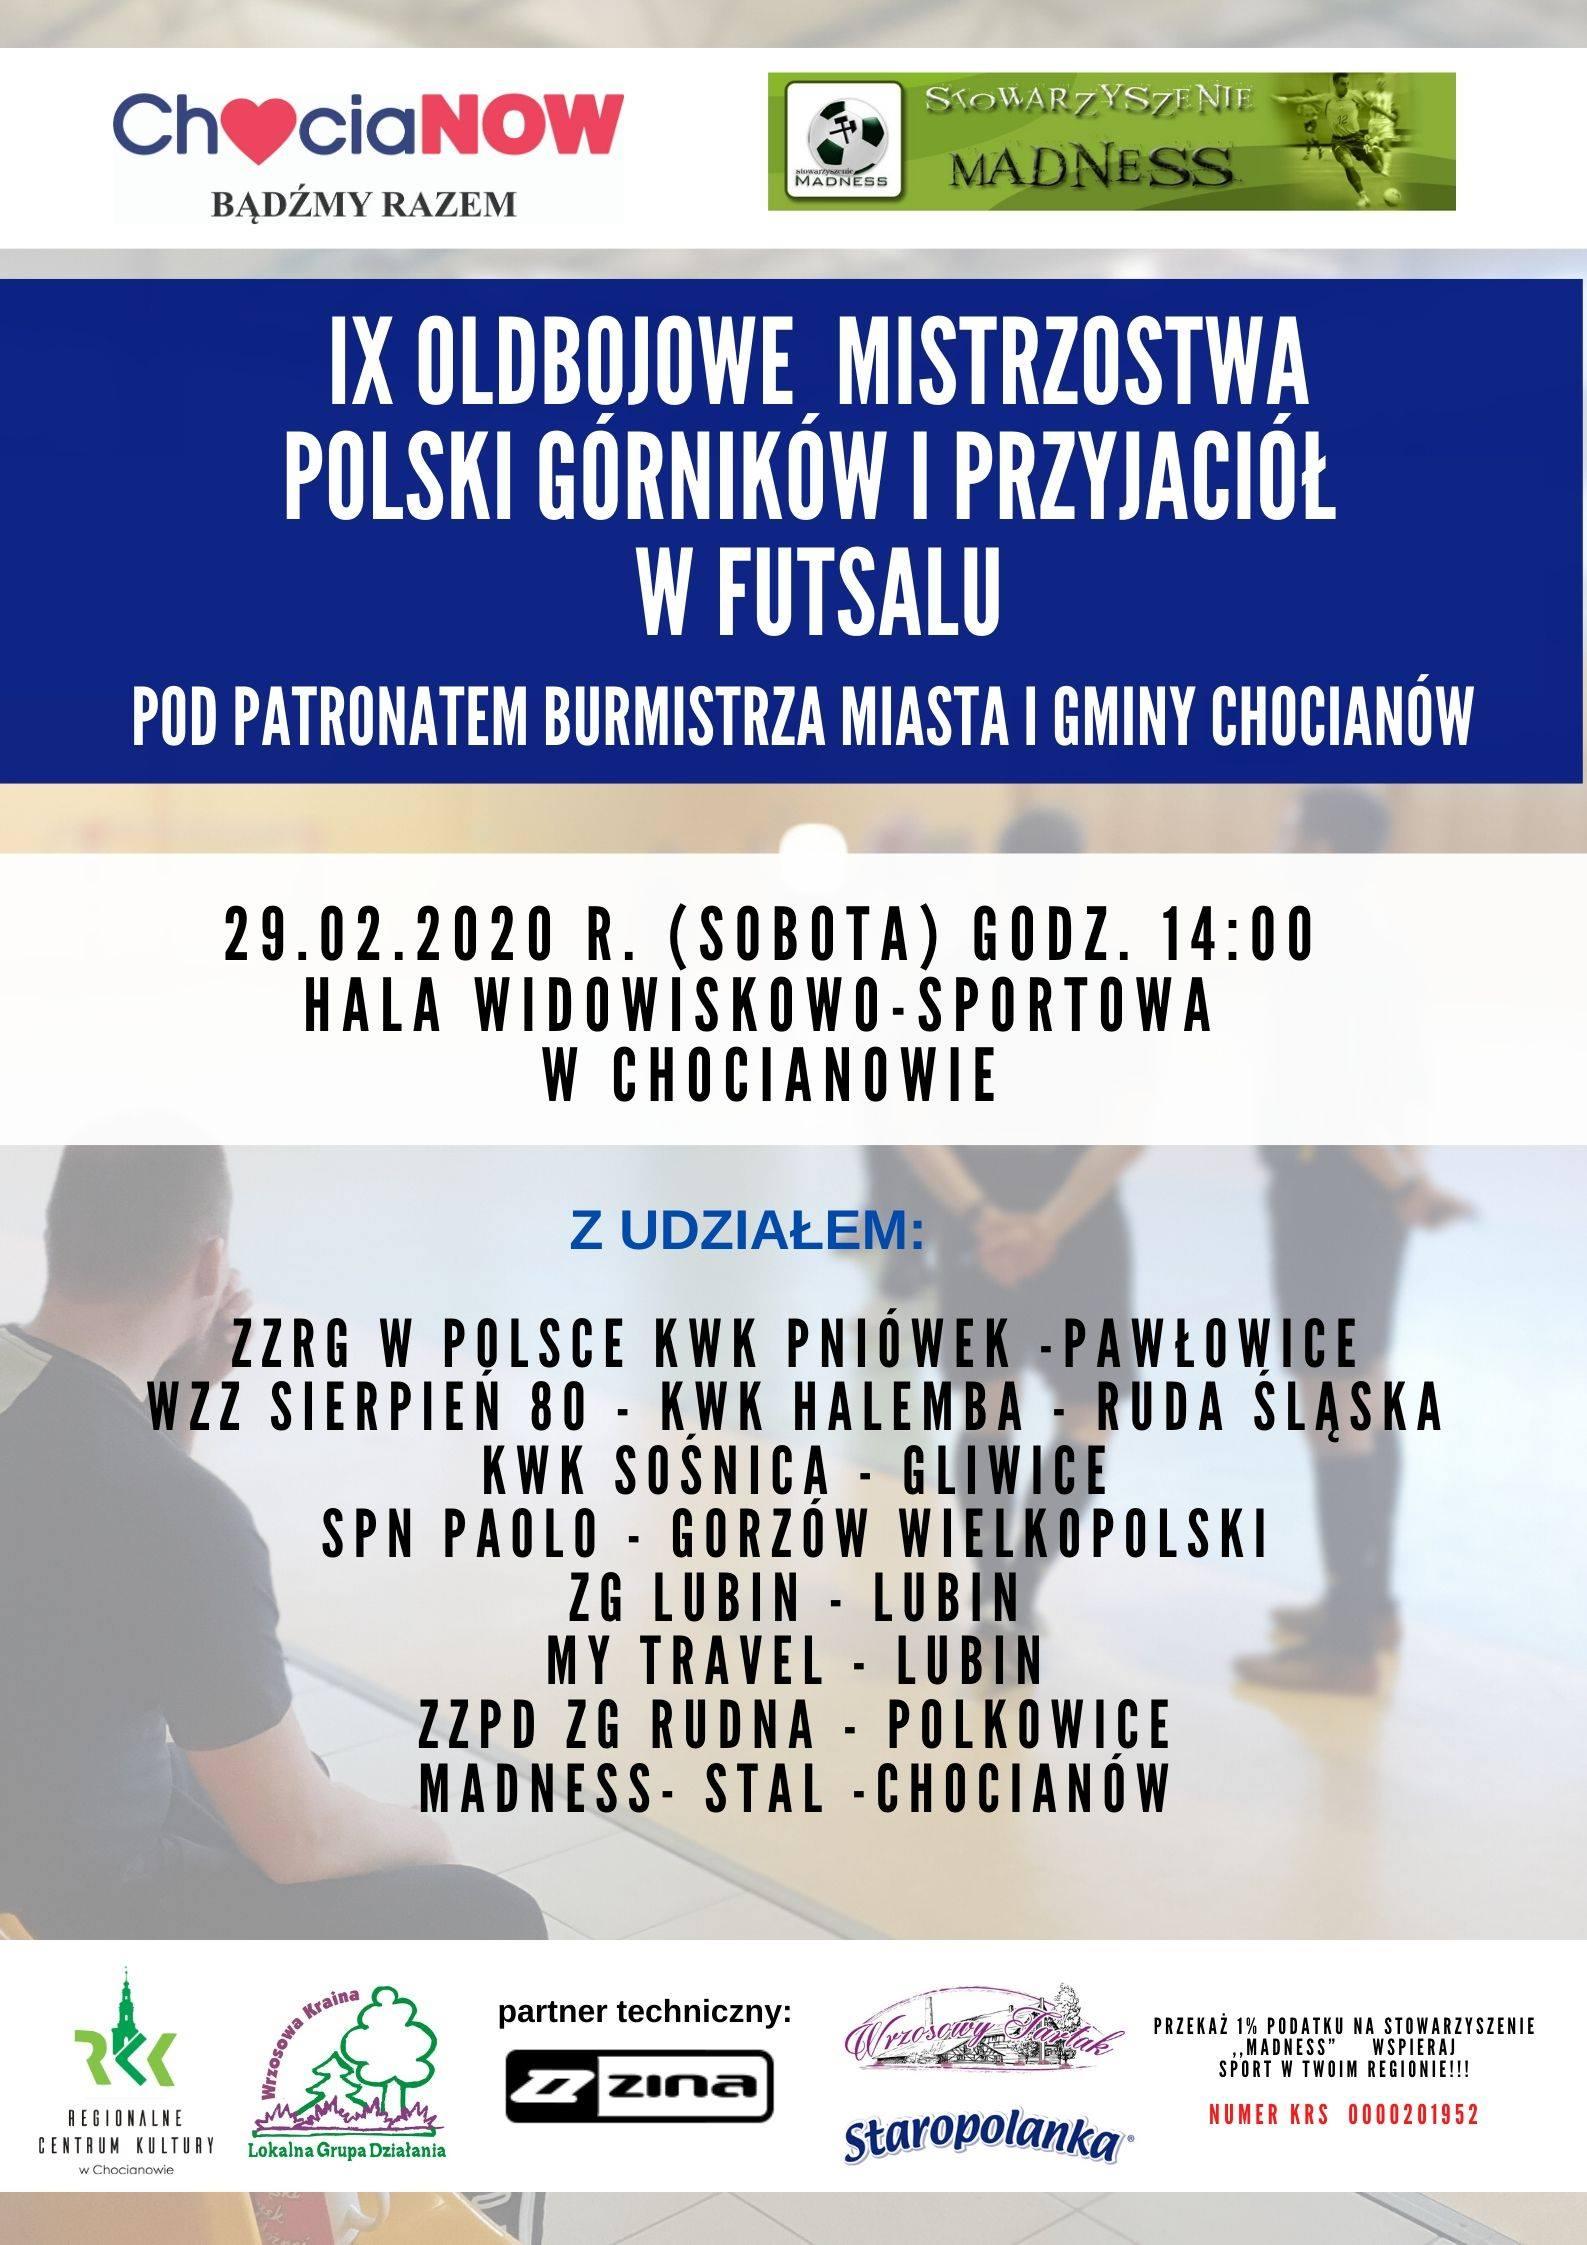 Futsal znowu w Chocianowie - tym razem zmierzą się oldboje